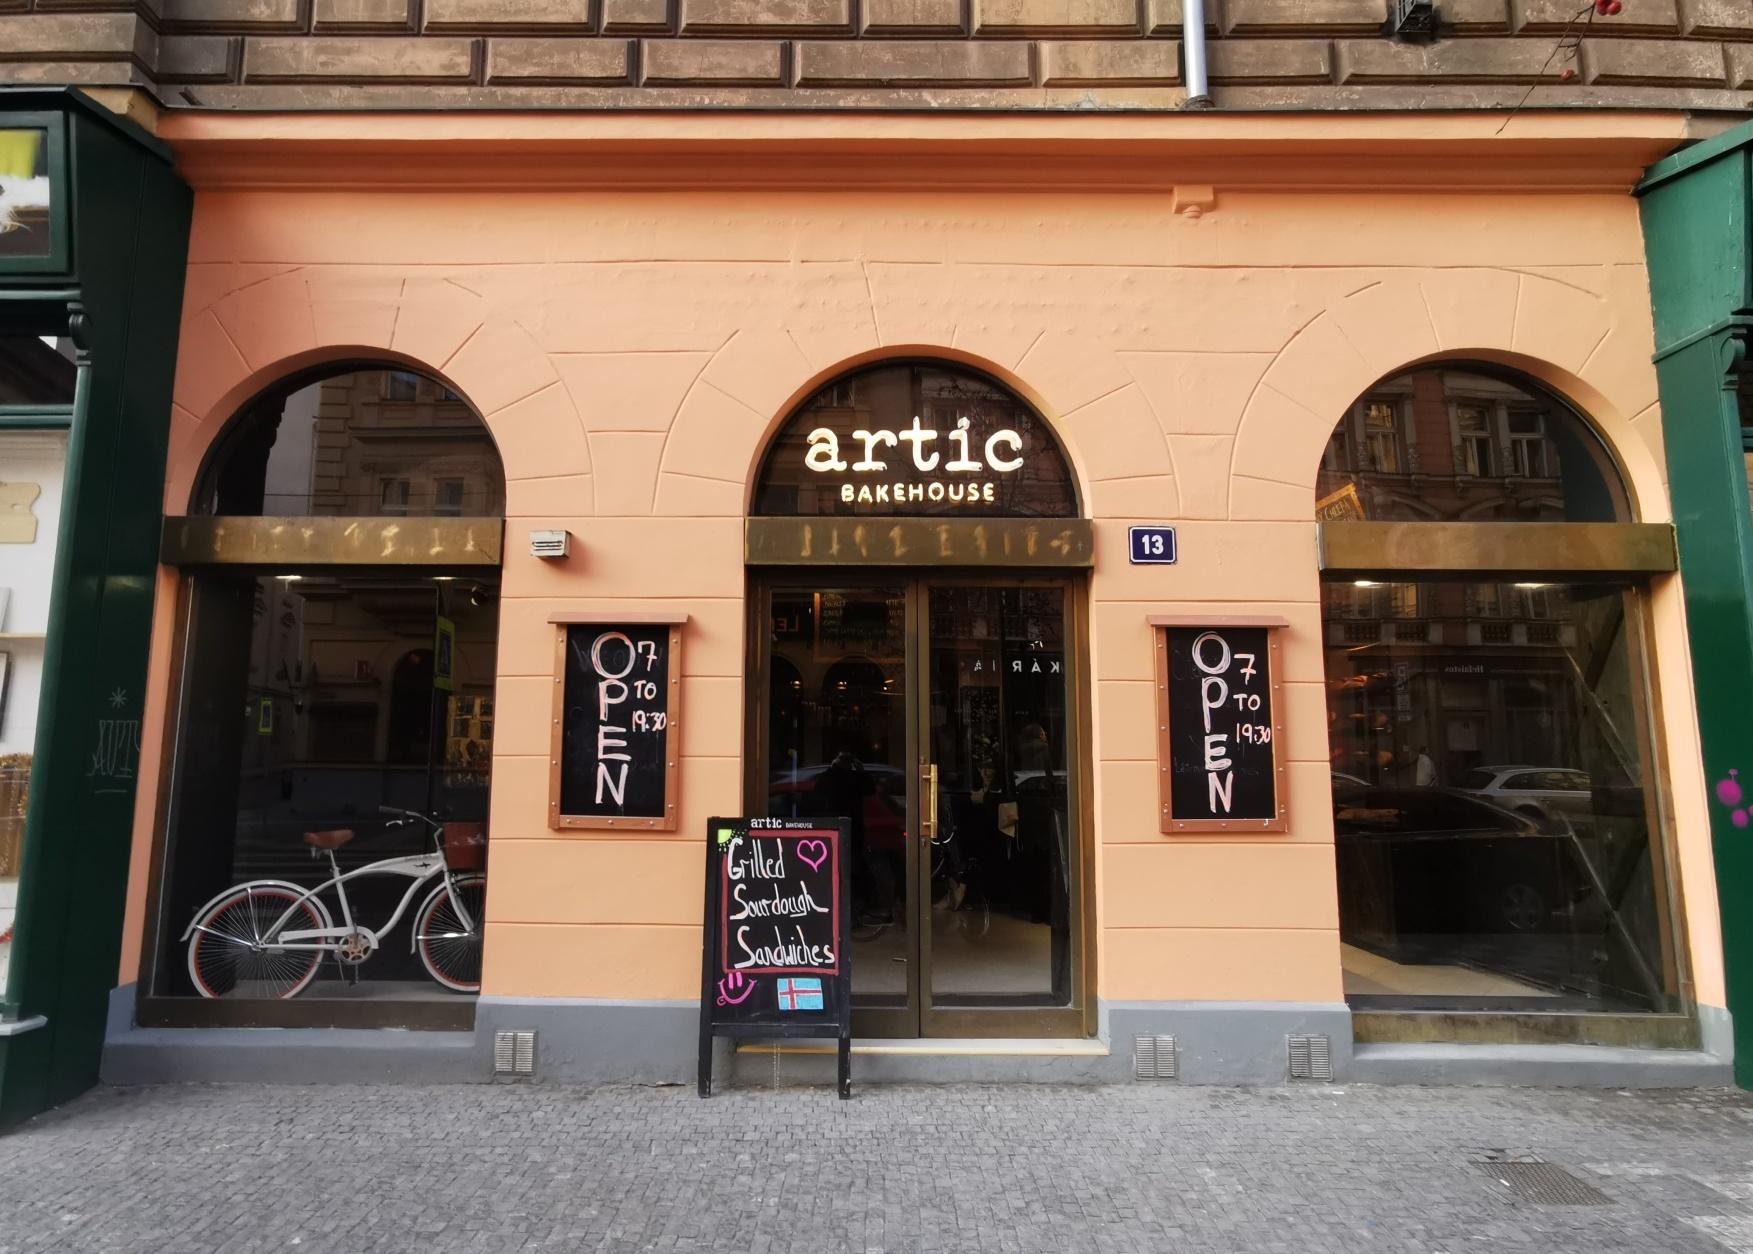 Pekárna, Artic bakehouse, pražská pekárna